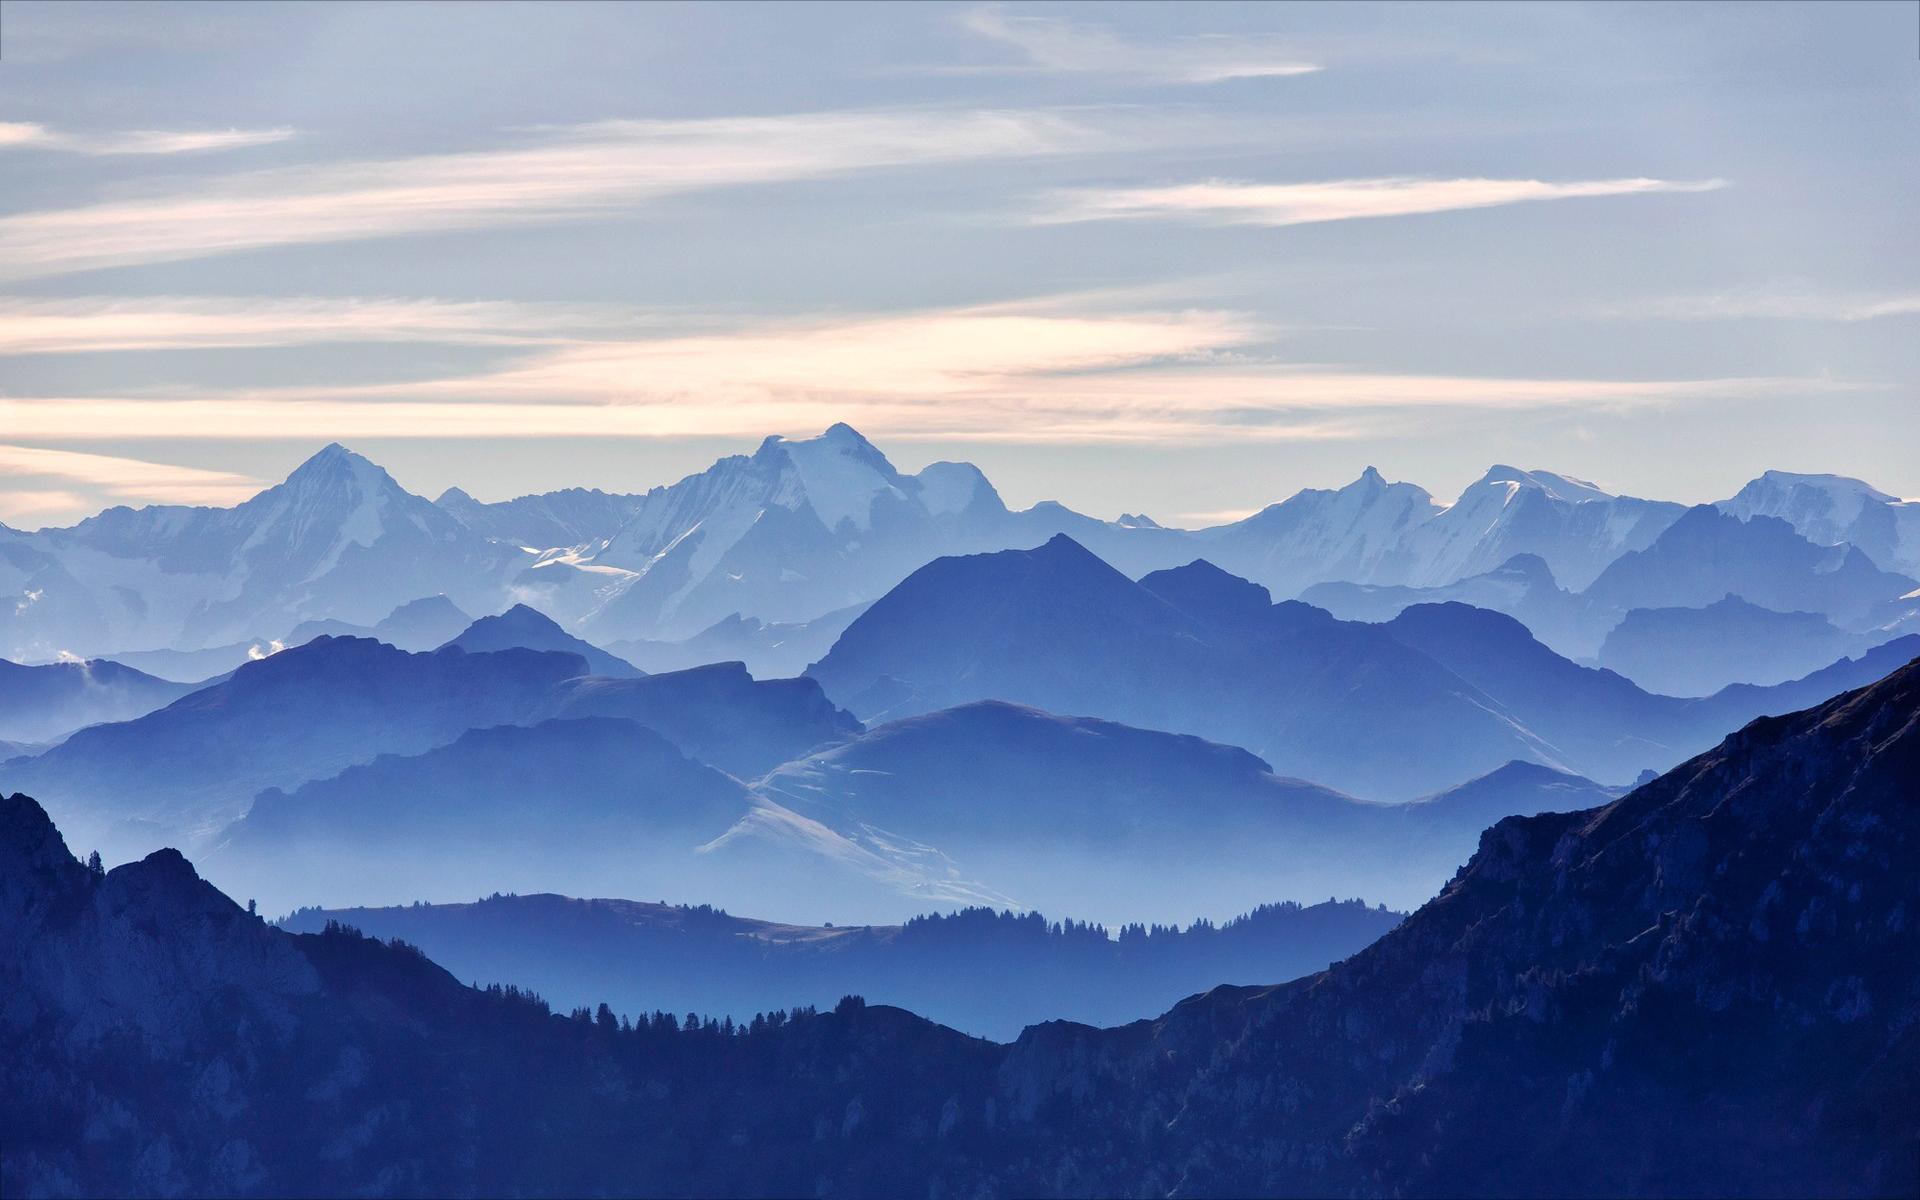 beautiful landscape wallpaper hd